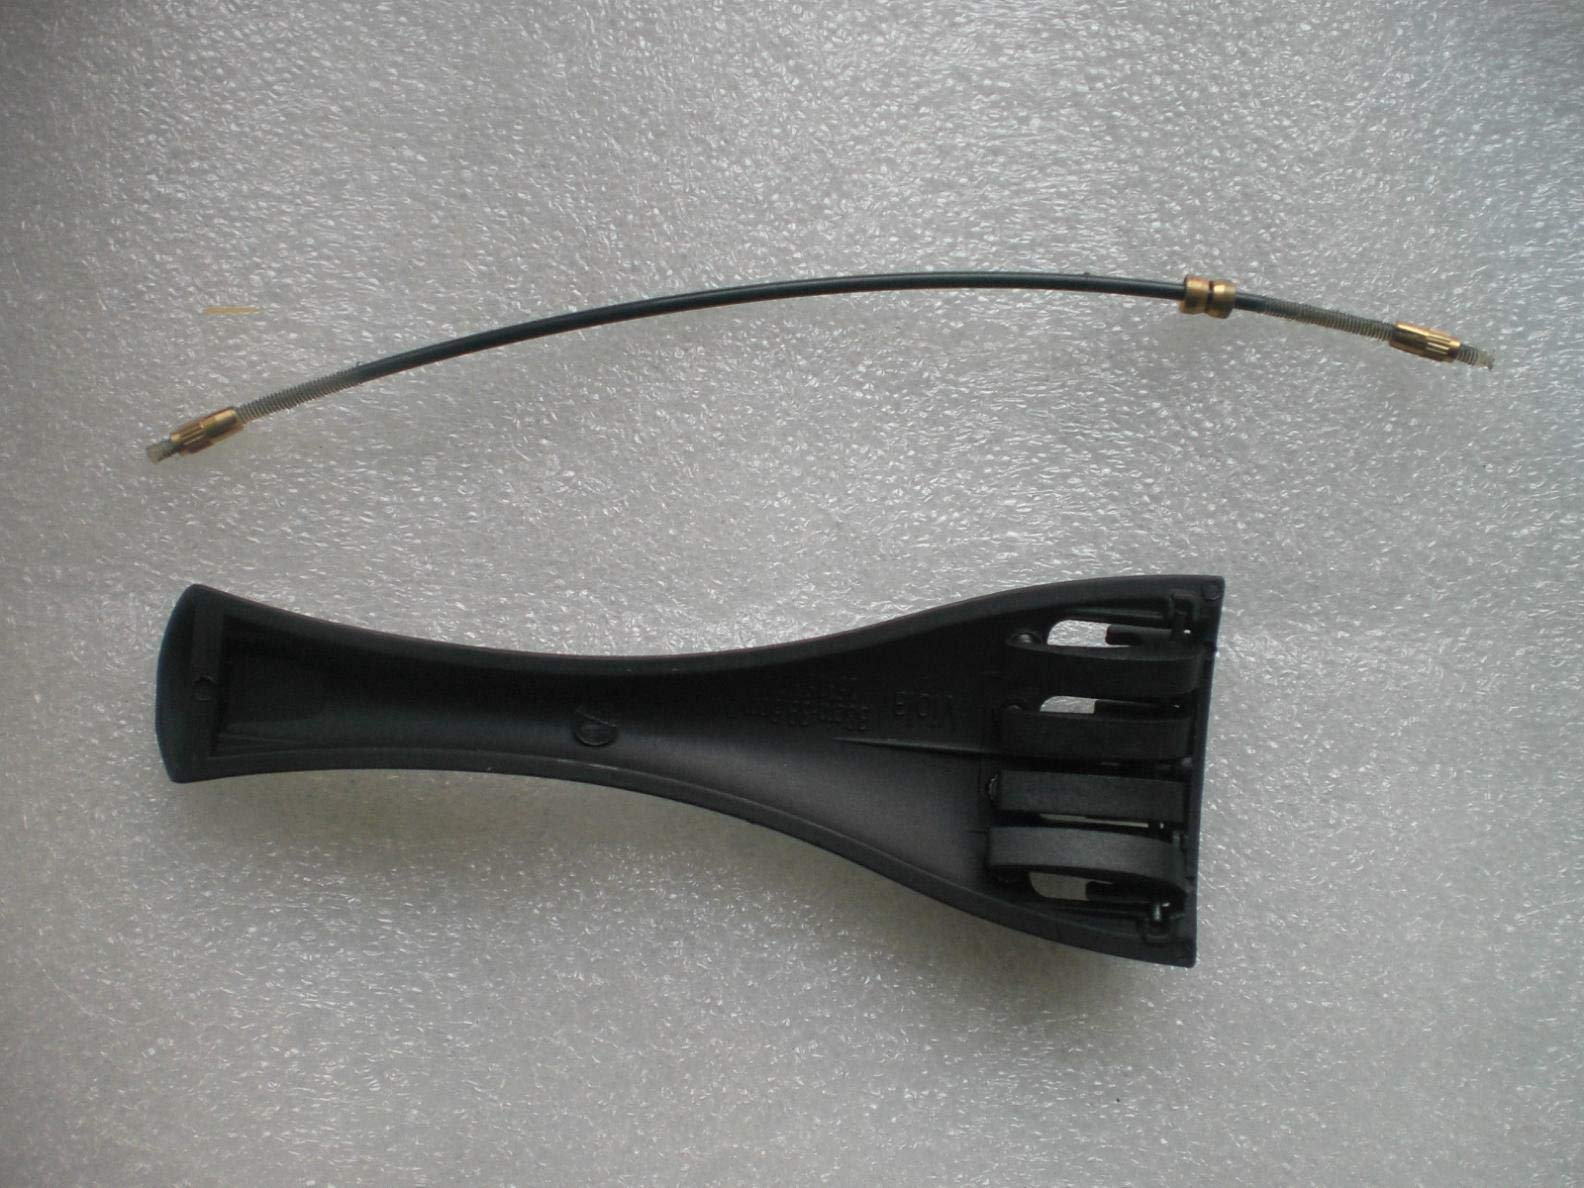 FidgetKute 20 PCs Carbon Fiber Viola Tail Piece for 15'' with 20 PCs Viola Tail Guts Show One Size by FidgetKute